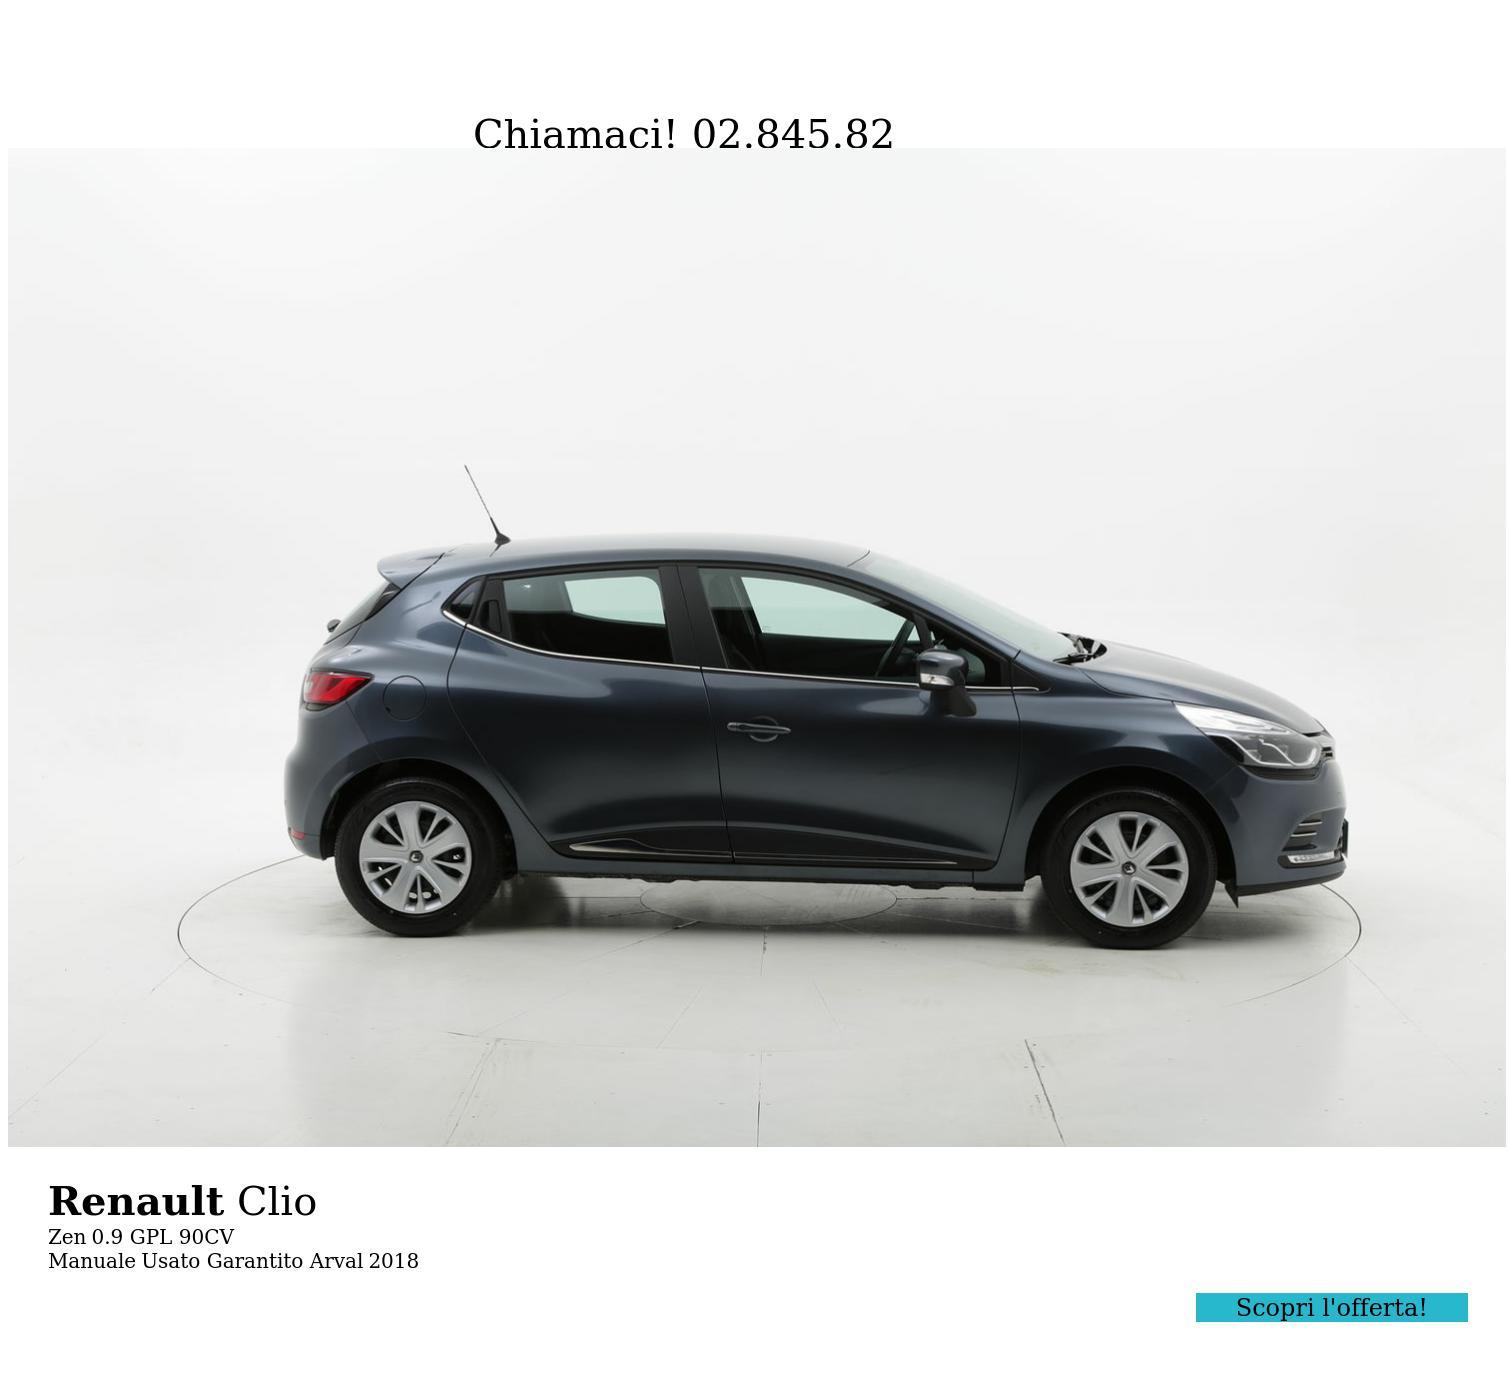 Renault Clio Zen km 0 gpl antracite | brumbrum